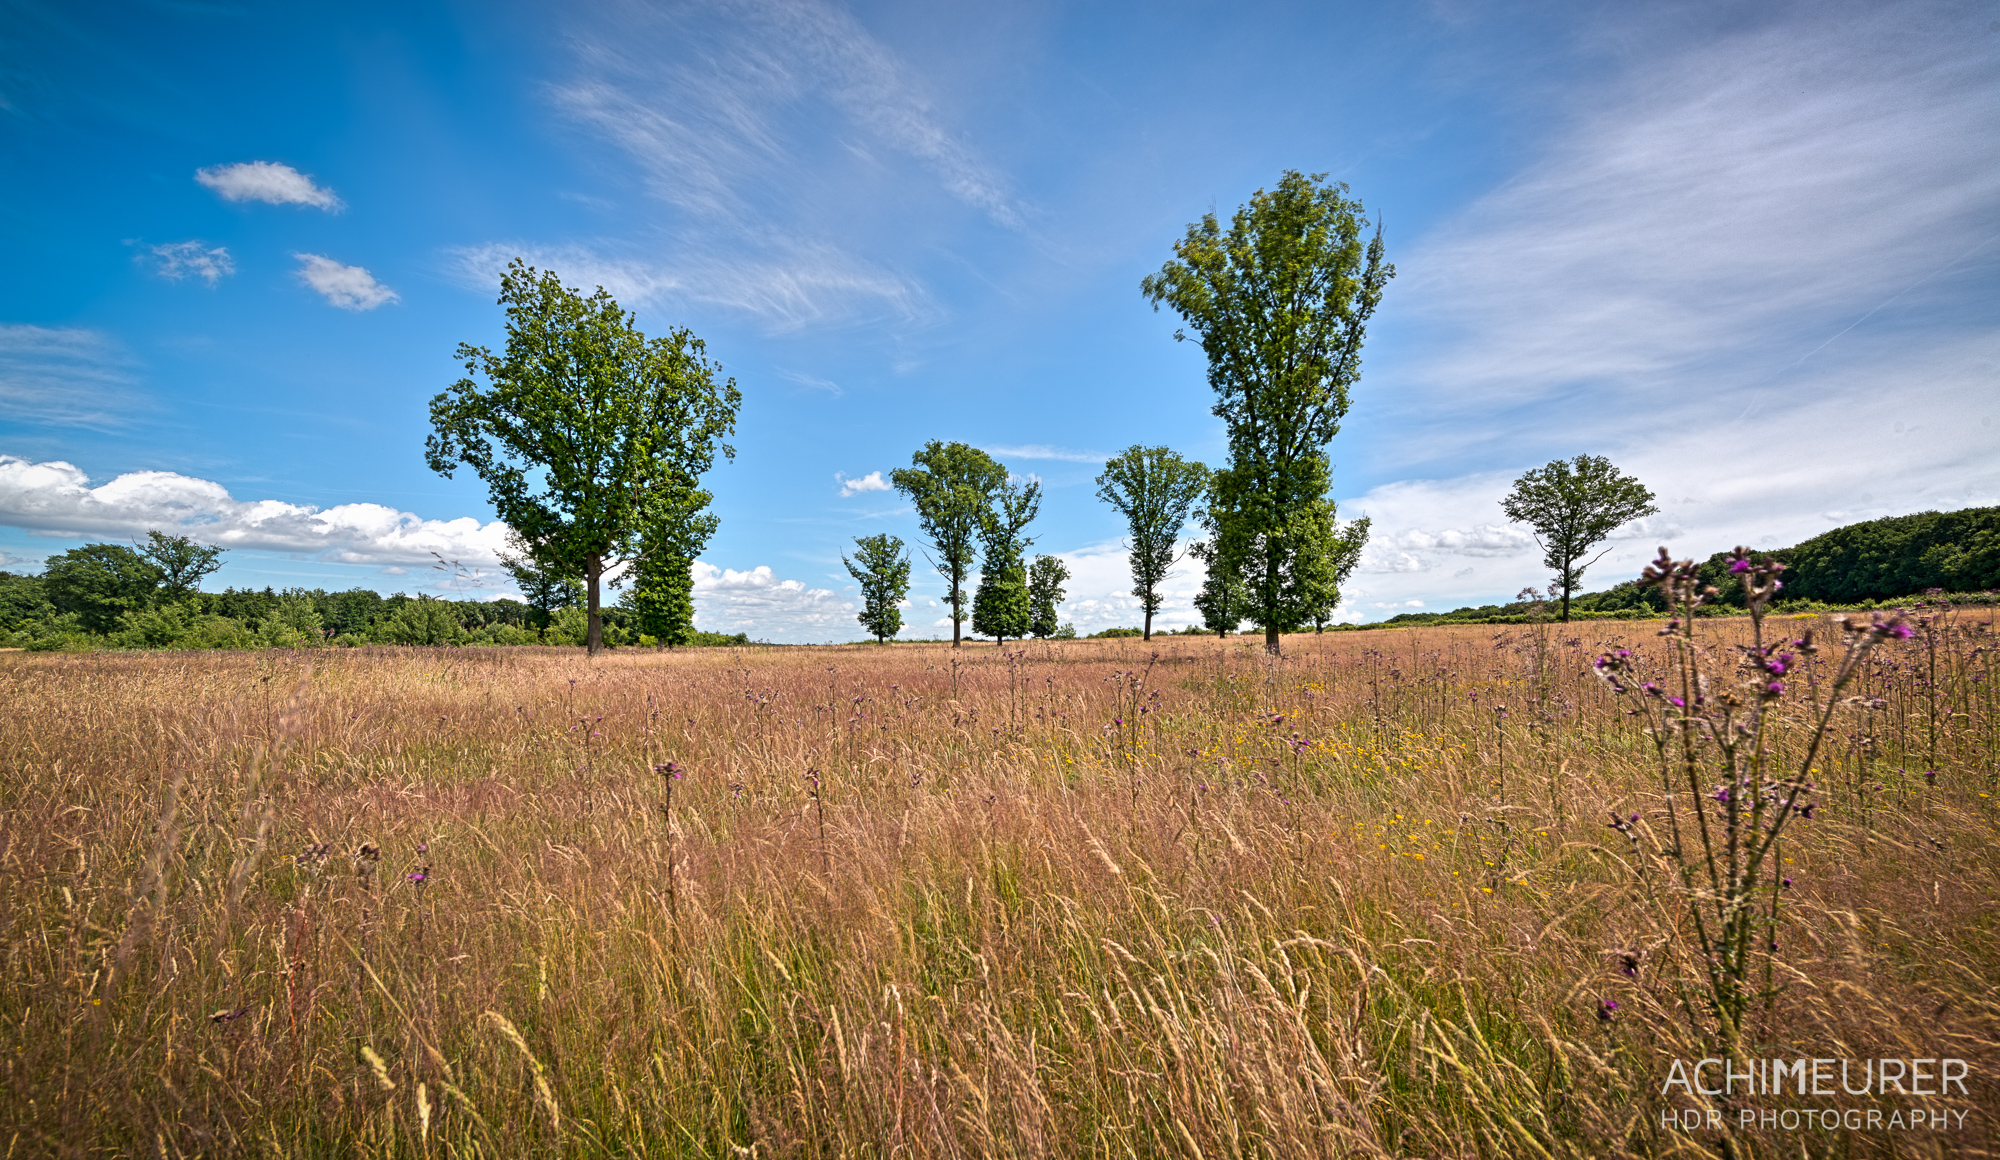 Eifel-Rheinland-Pfalz-Brohltal_5668_7_6_5_4_HDR_20160701_121626